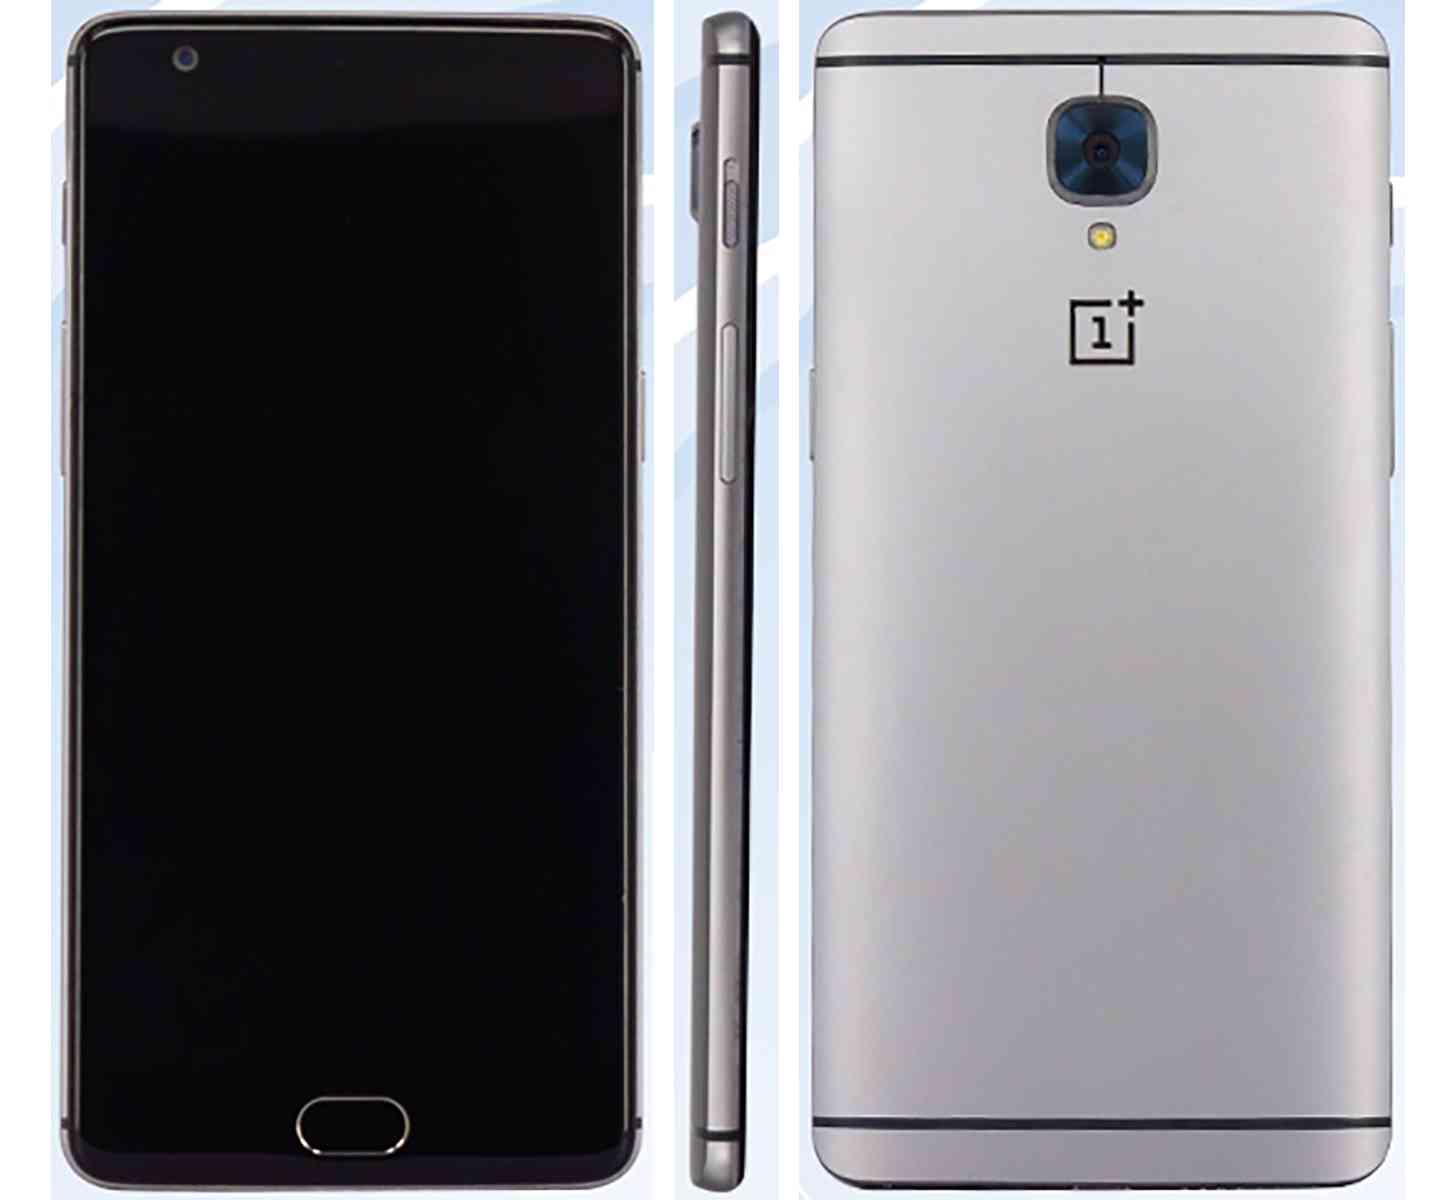 OnePlus 3 front, rear, side image leak